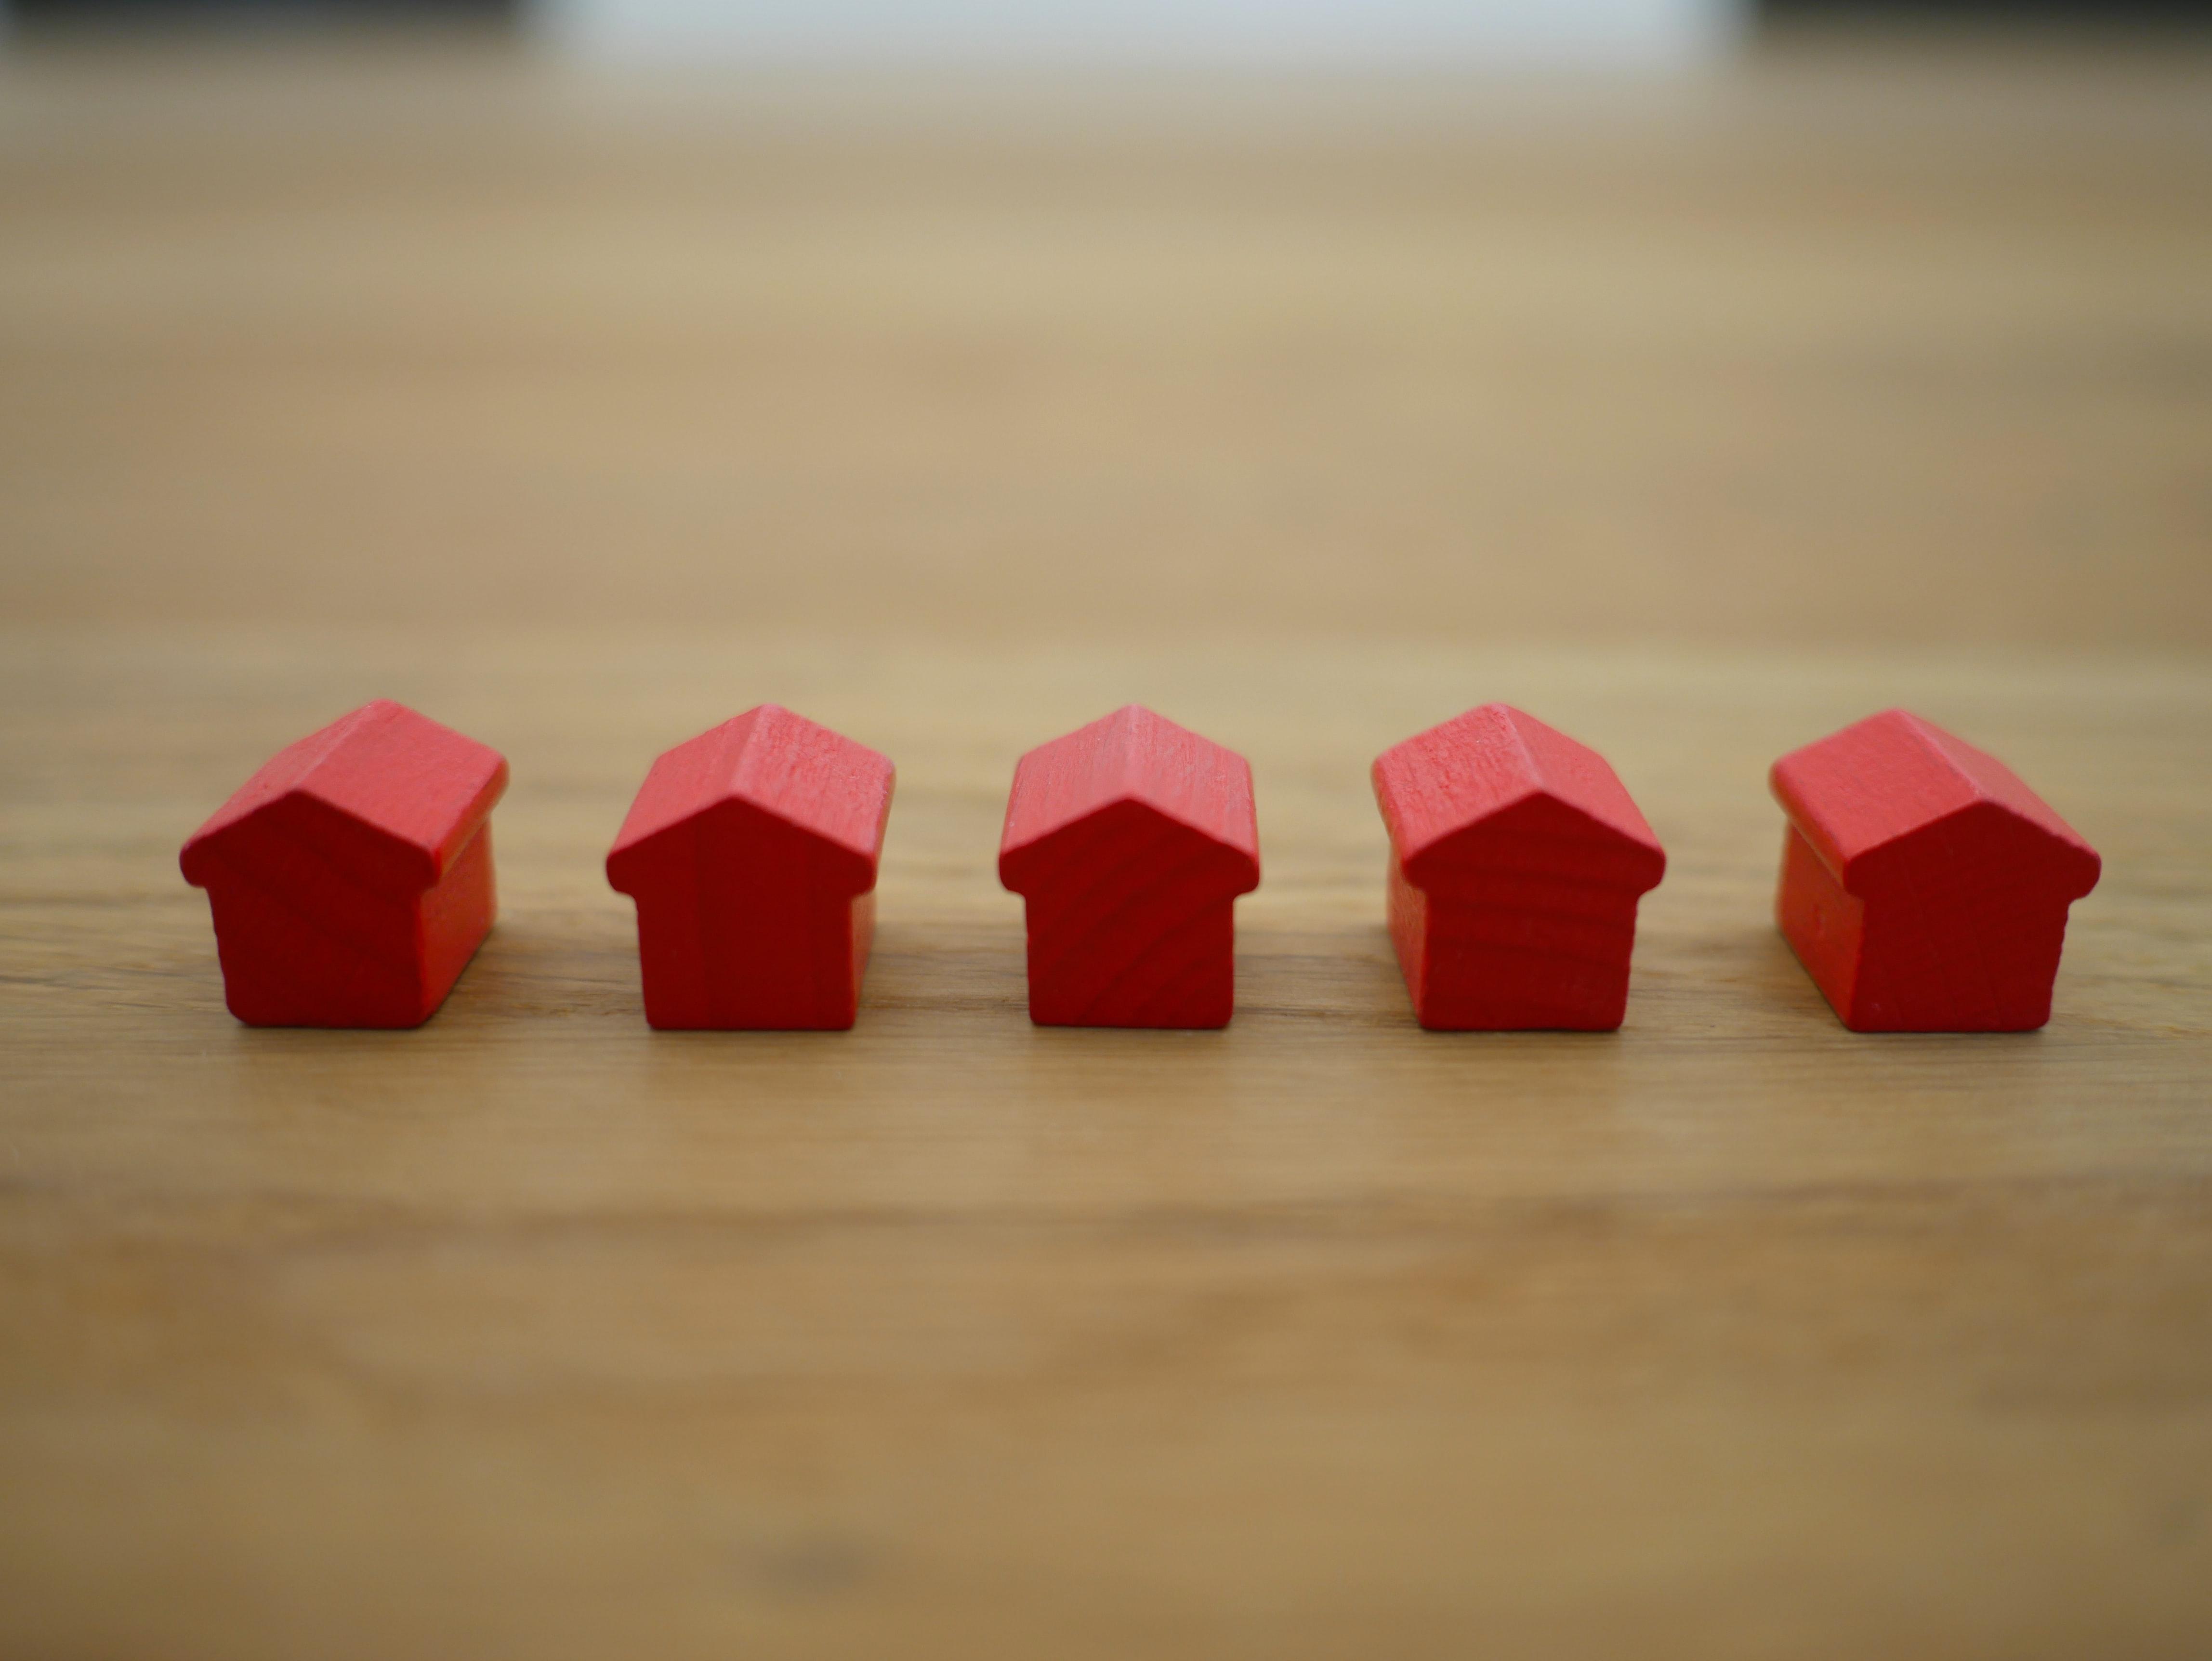 On voit sur cette photo cinq maisons de bois du jeu le monopoly